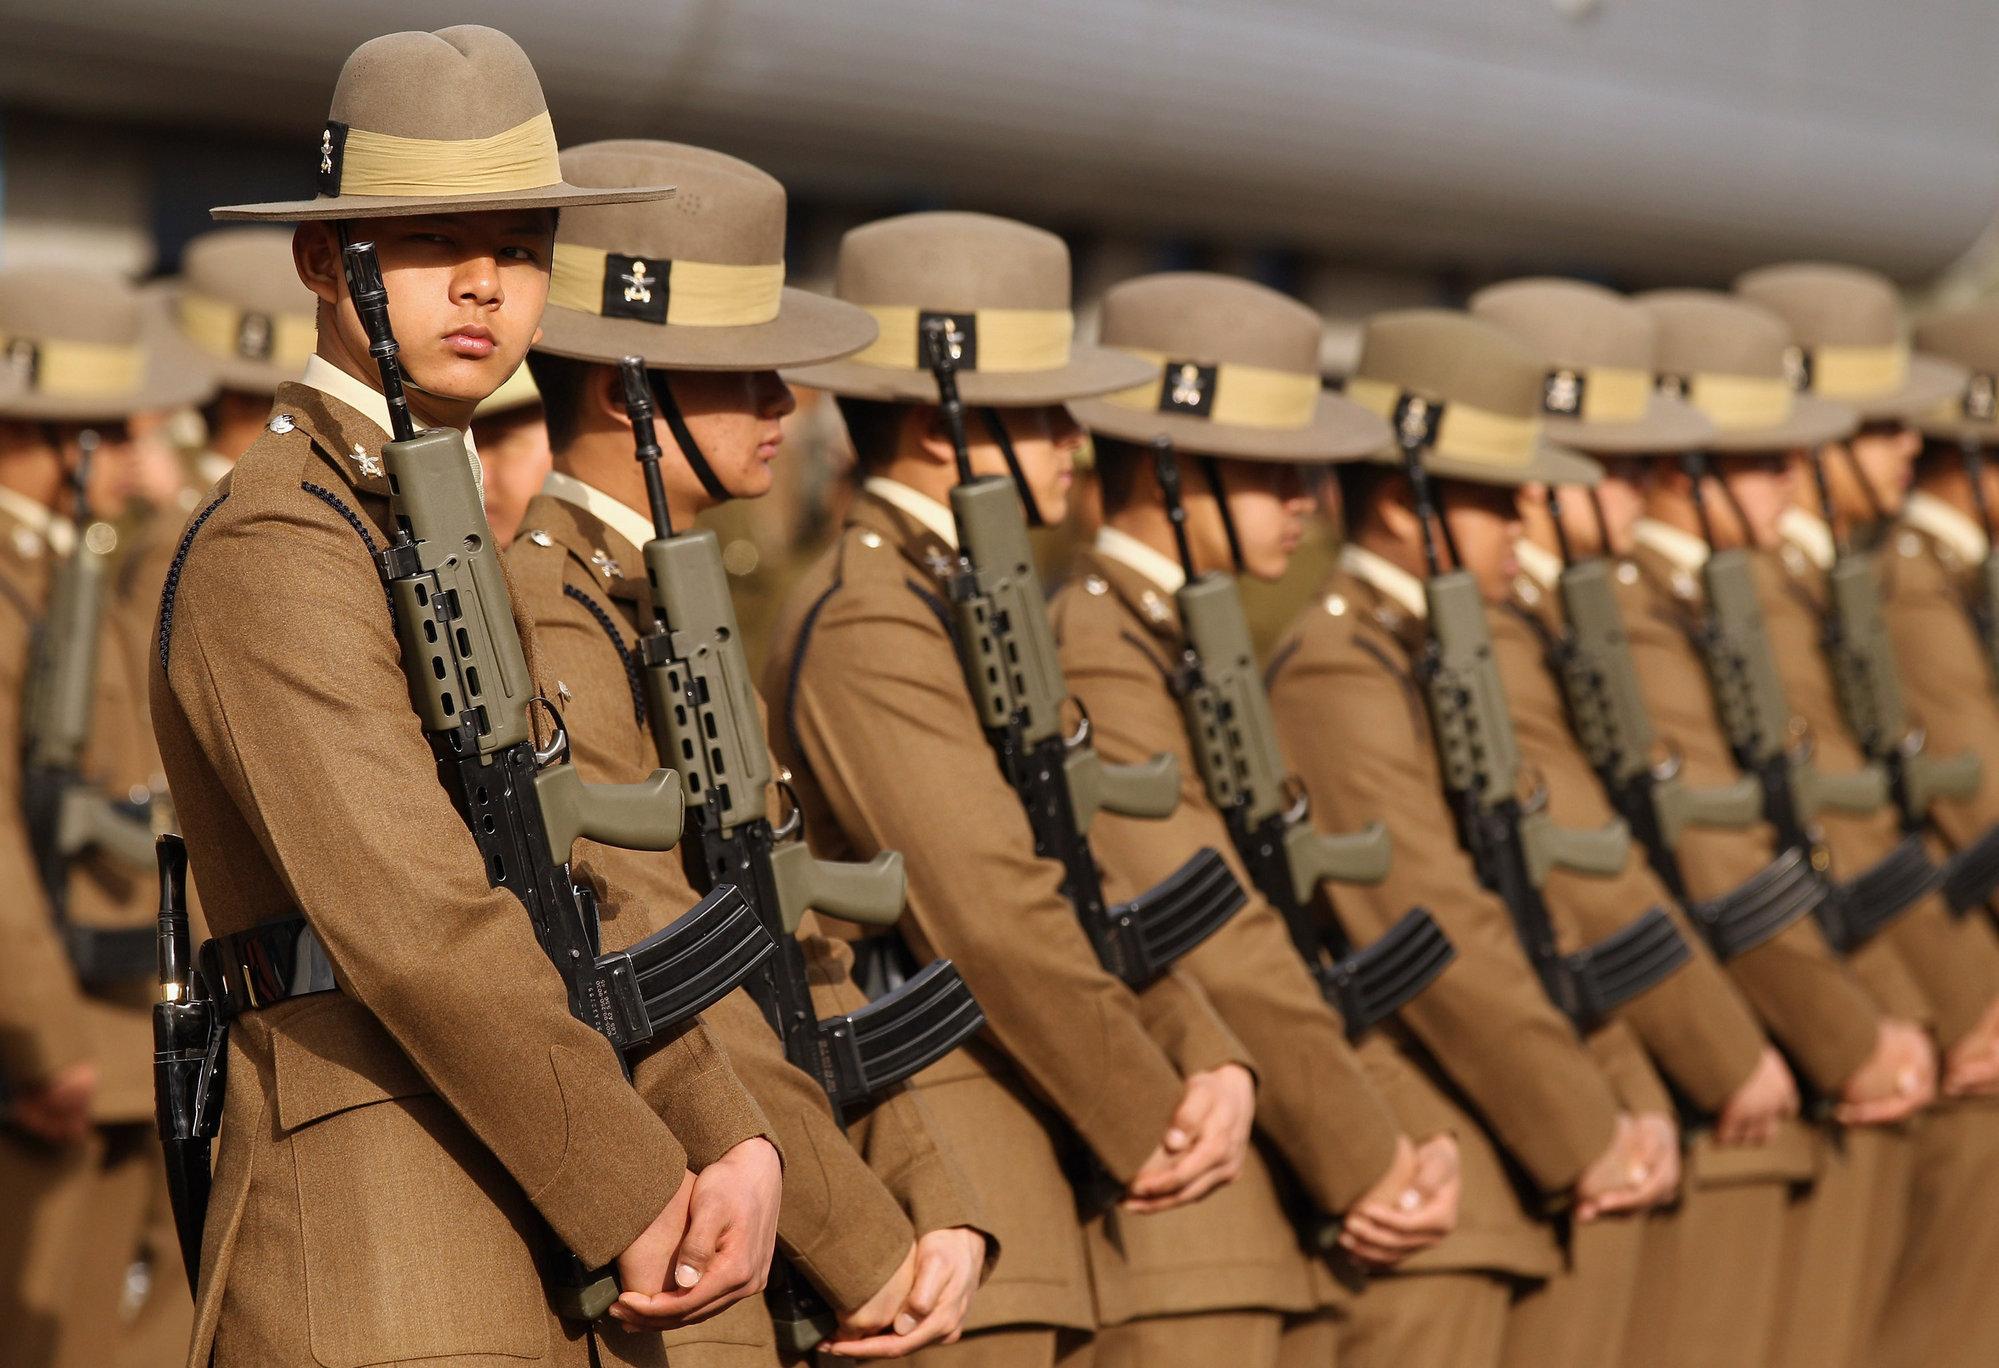 Reino Unido tiene que despedir a 4.000 miembros de las Fuerzas Armadas